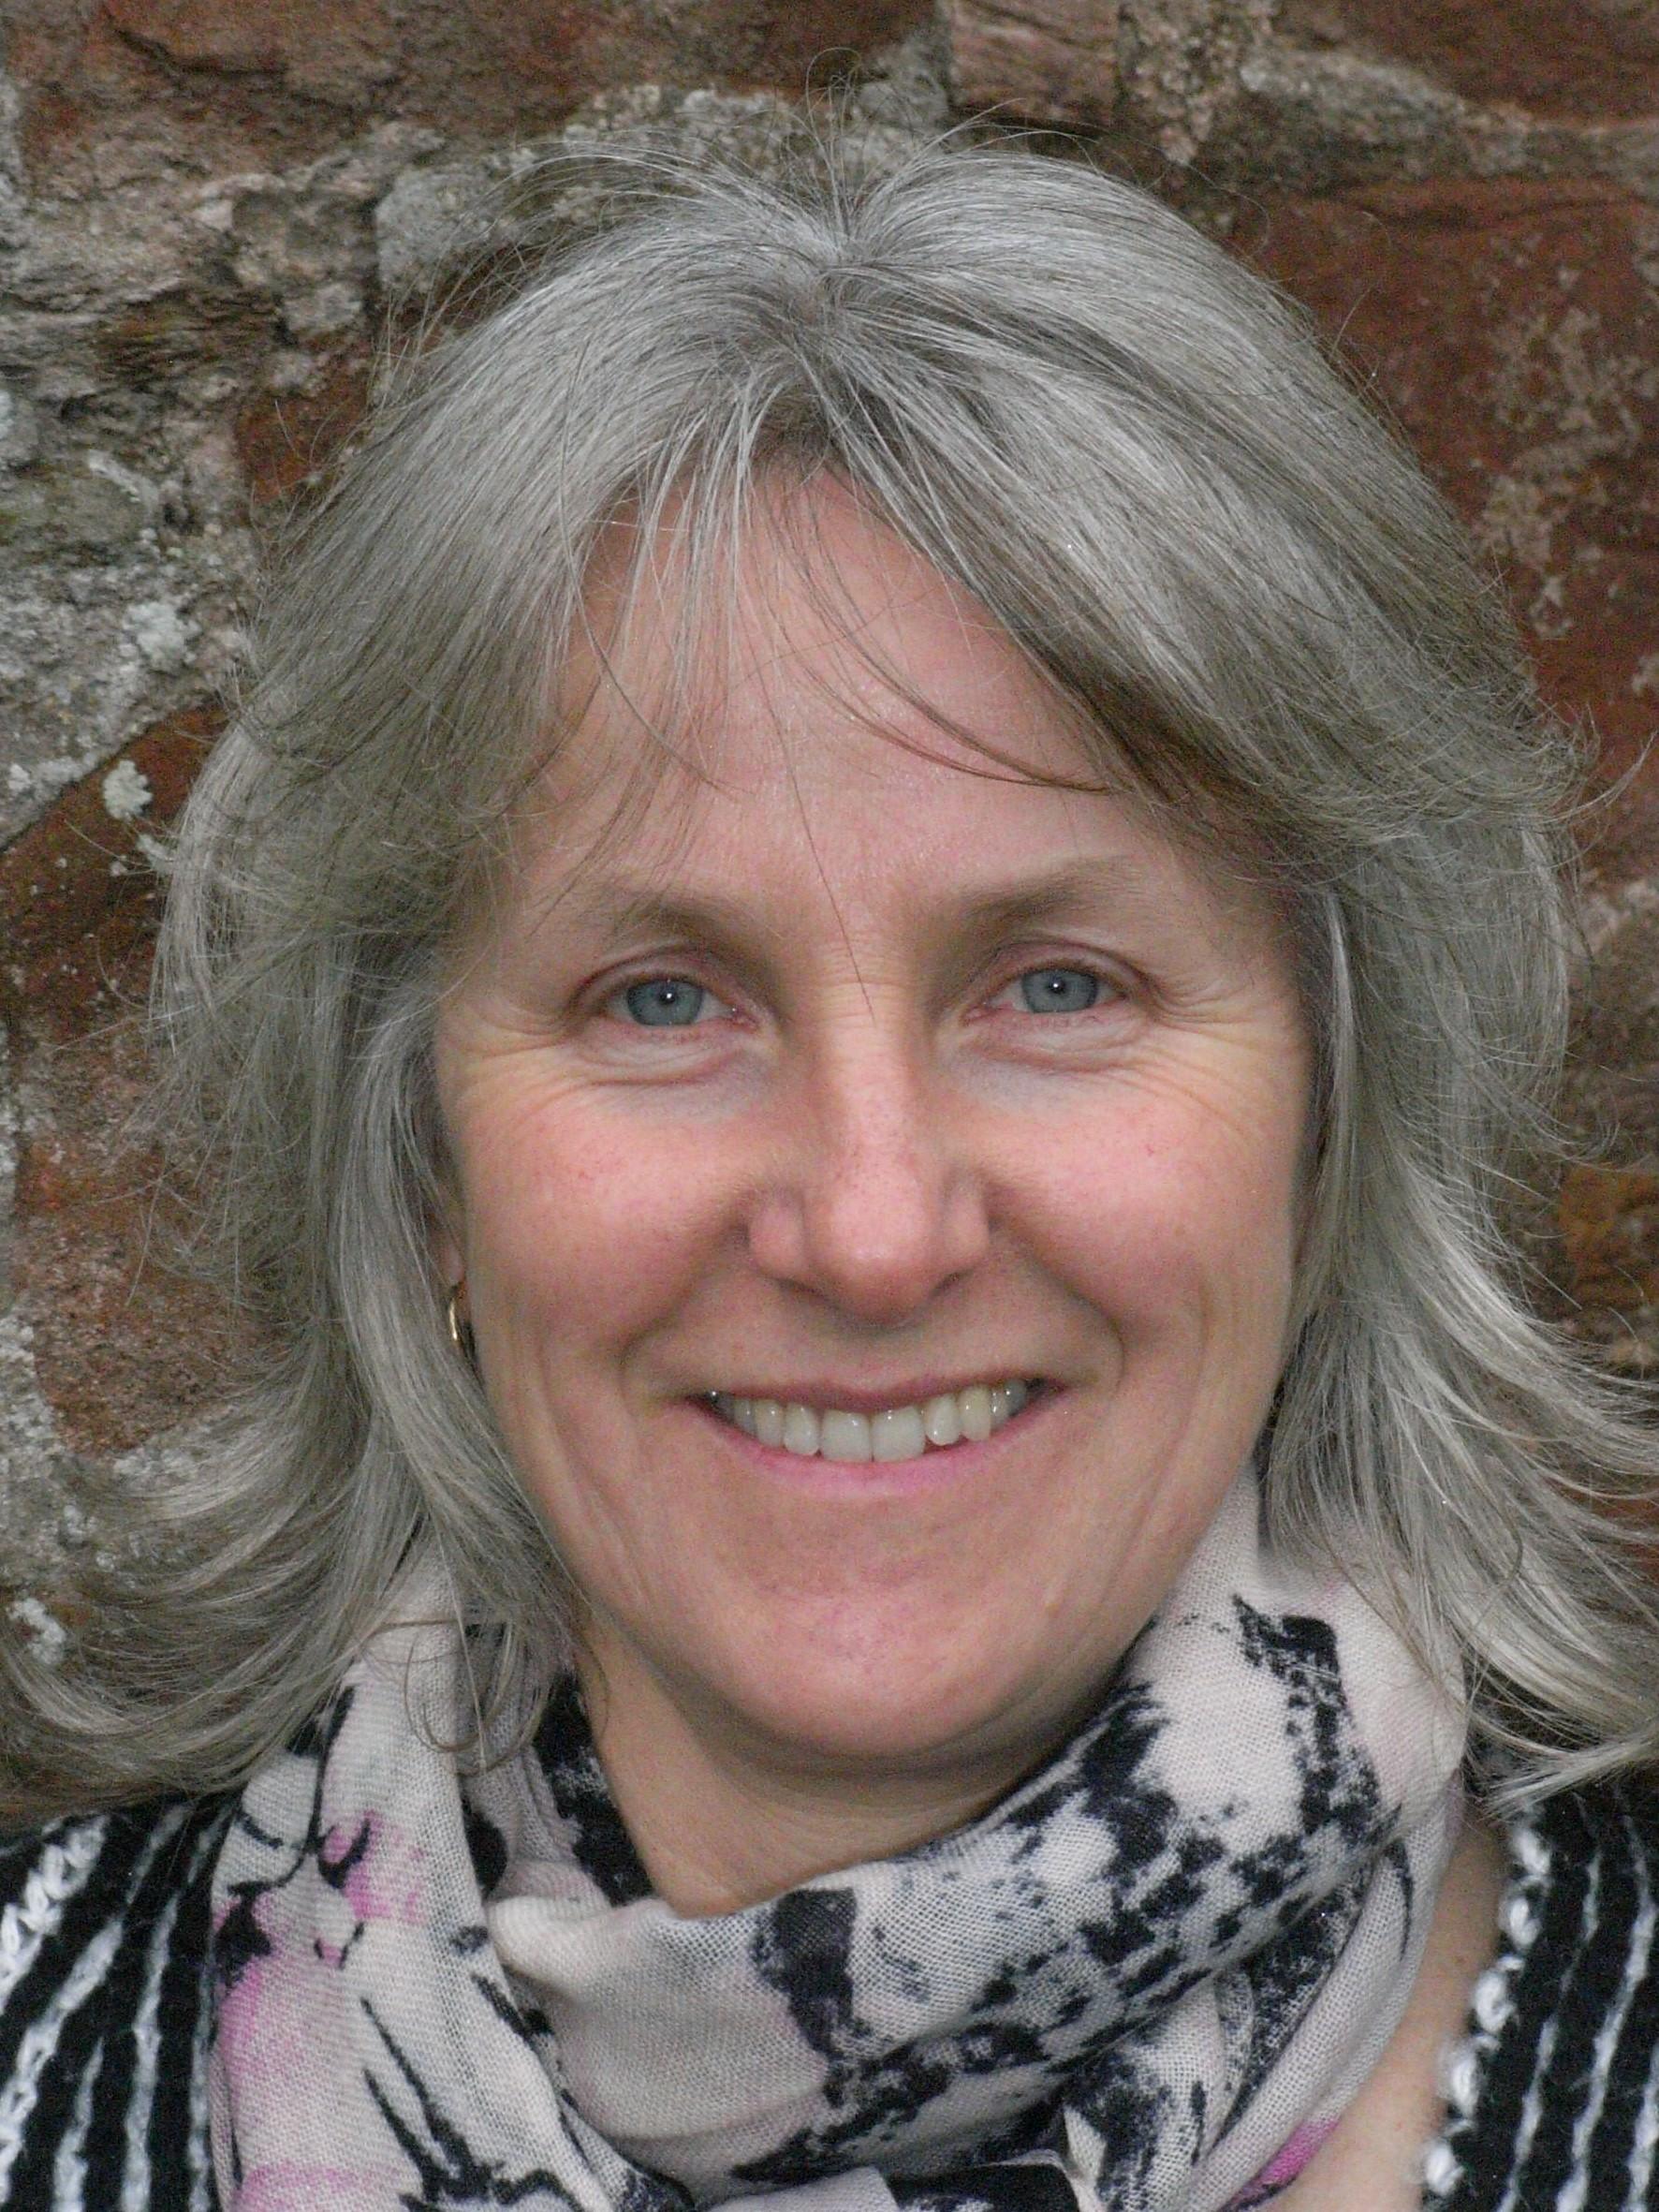 Ingrid Koehler